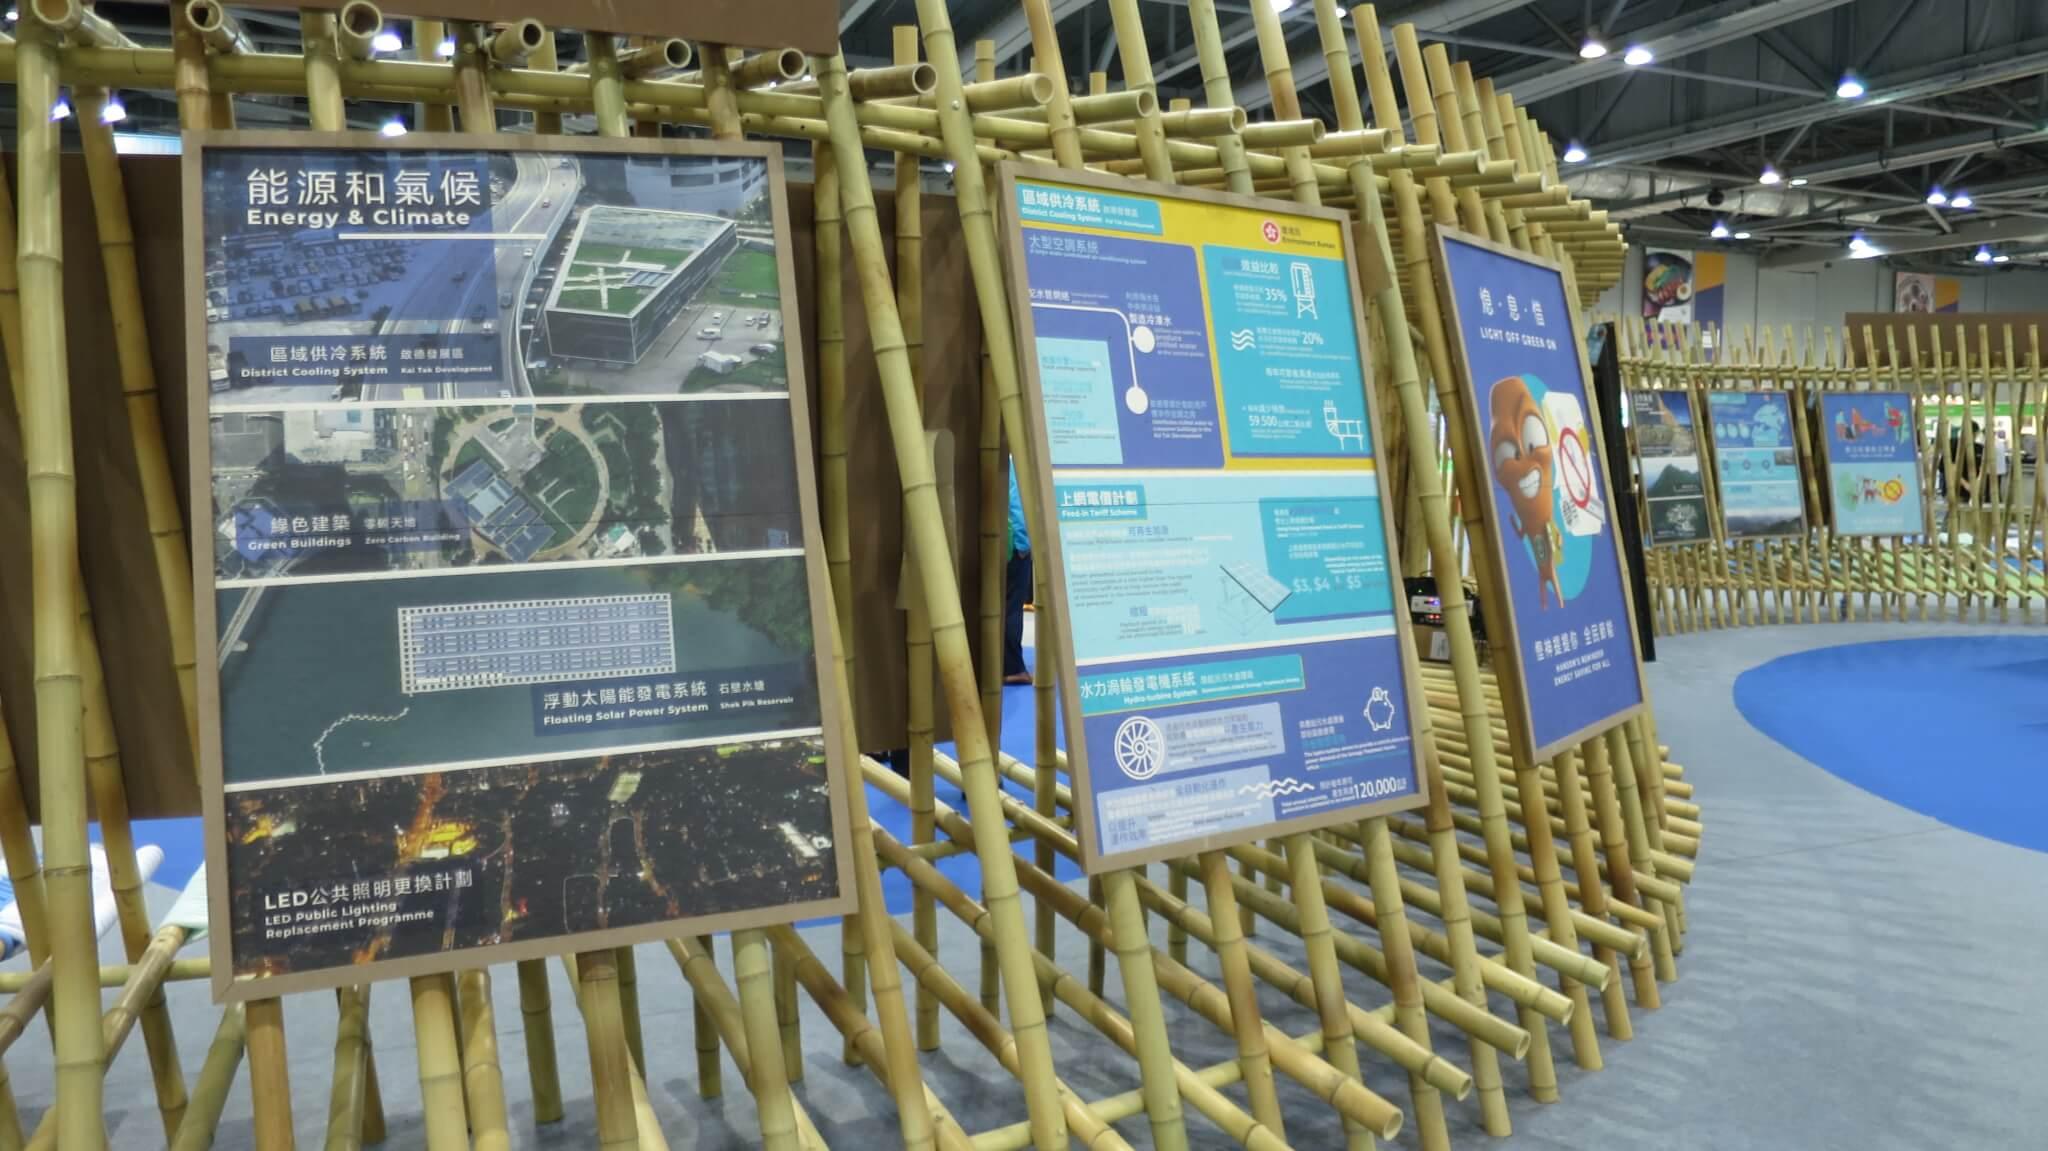 二人去年幫環保署「國際環保博覽」製作展板,以竹製再造紙代替foam board 。